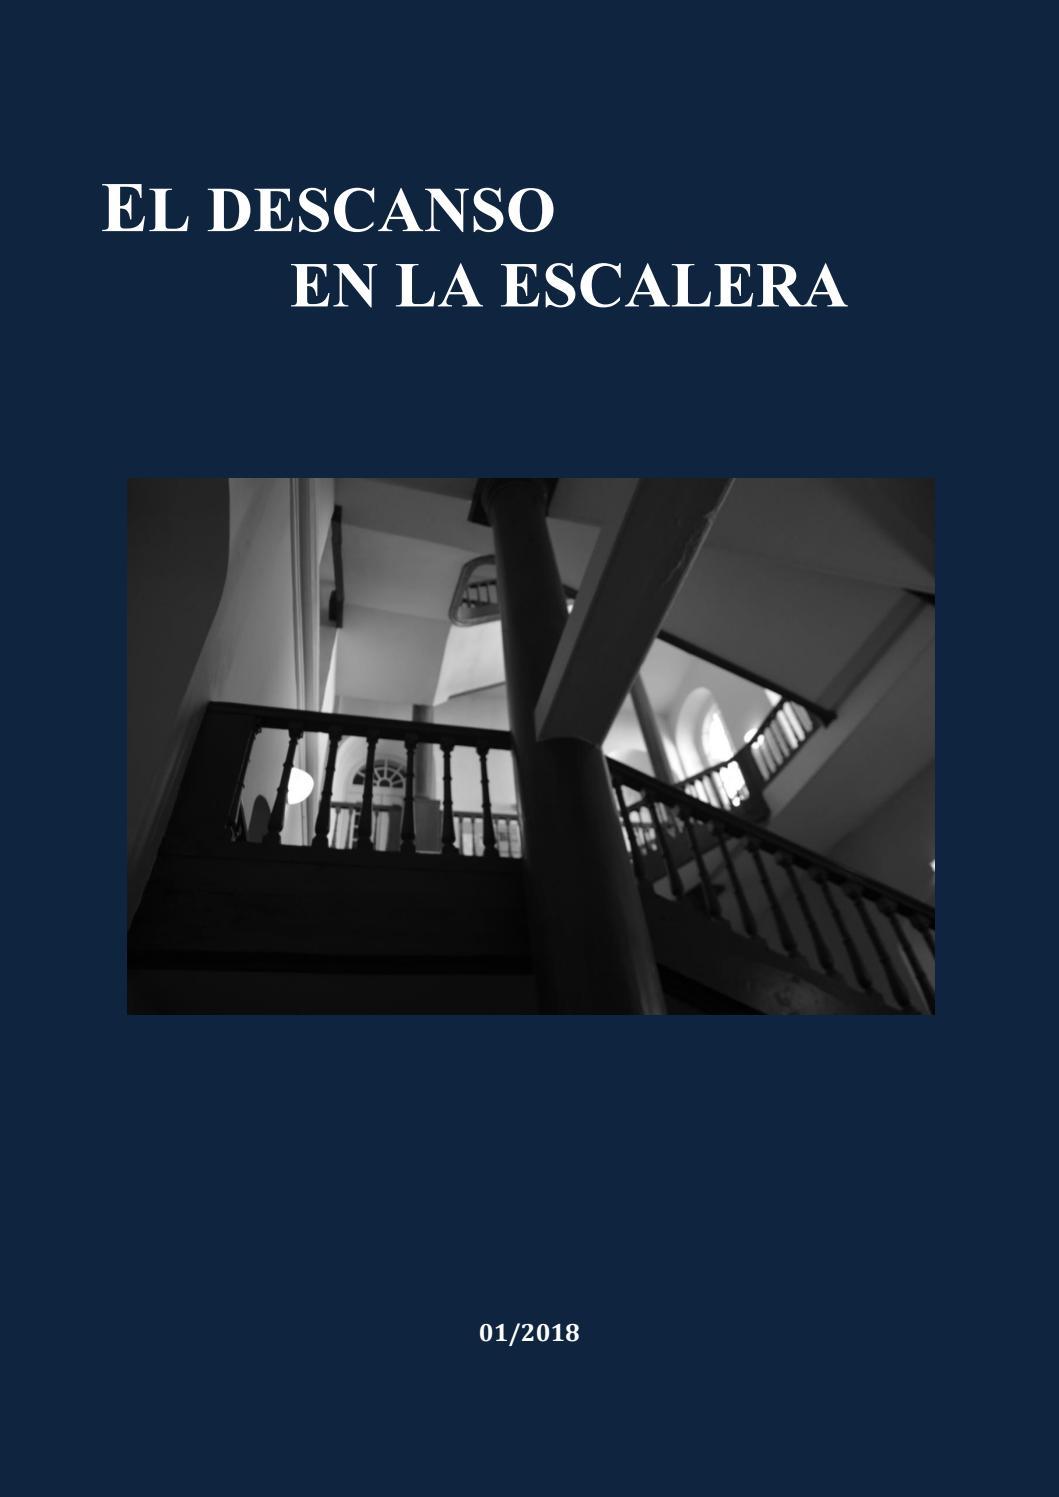 El descanso en la escalera by El descanso en la escalera - issuu